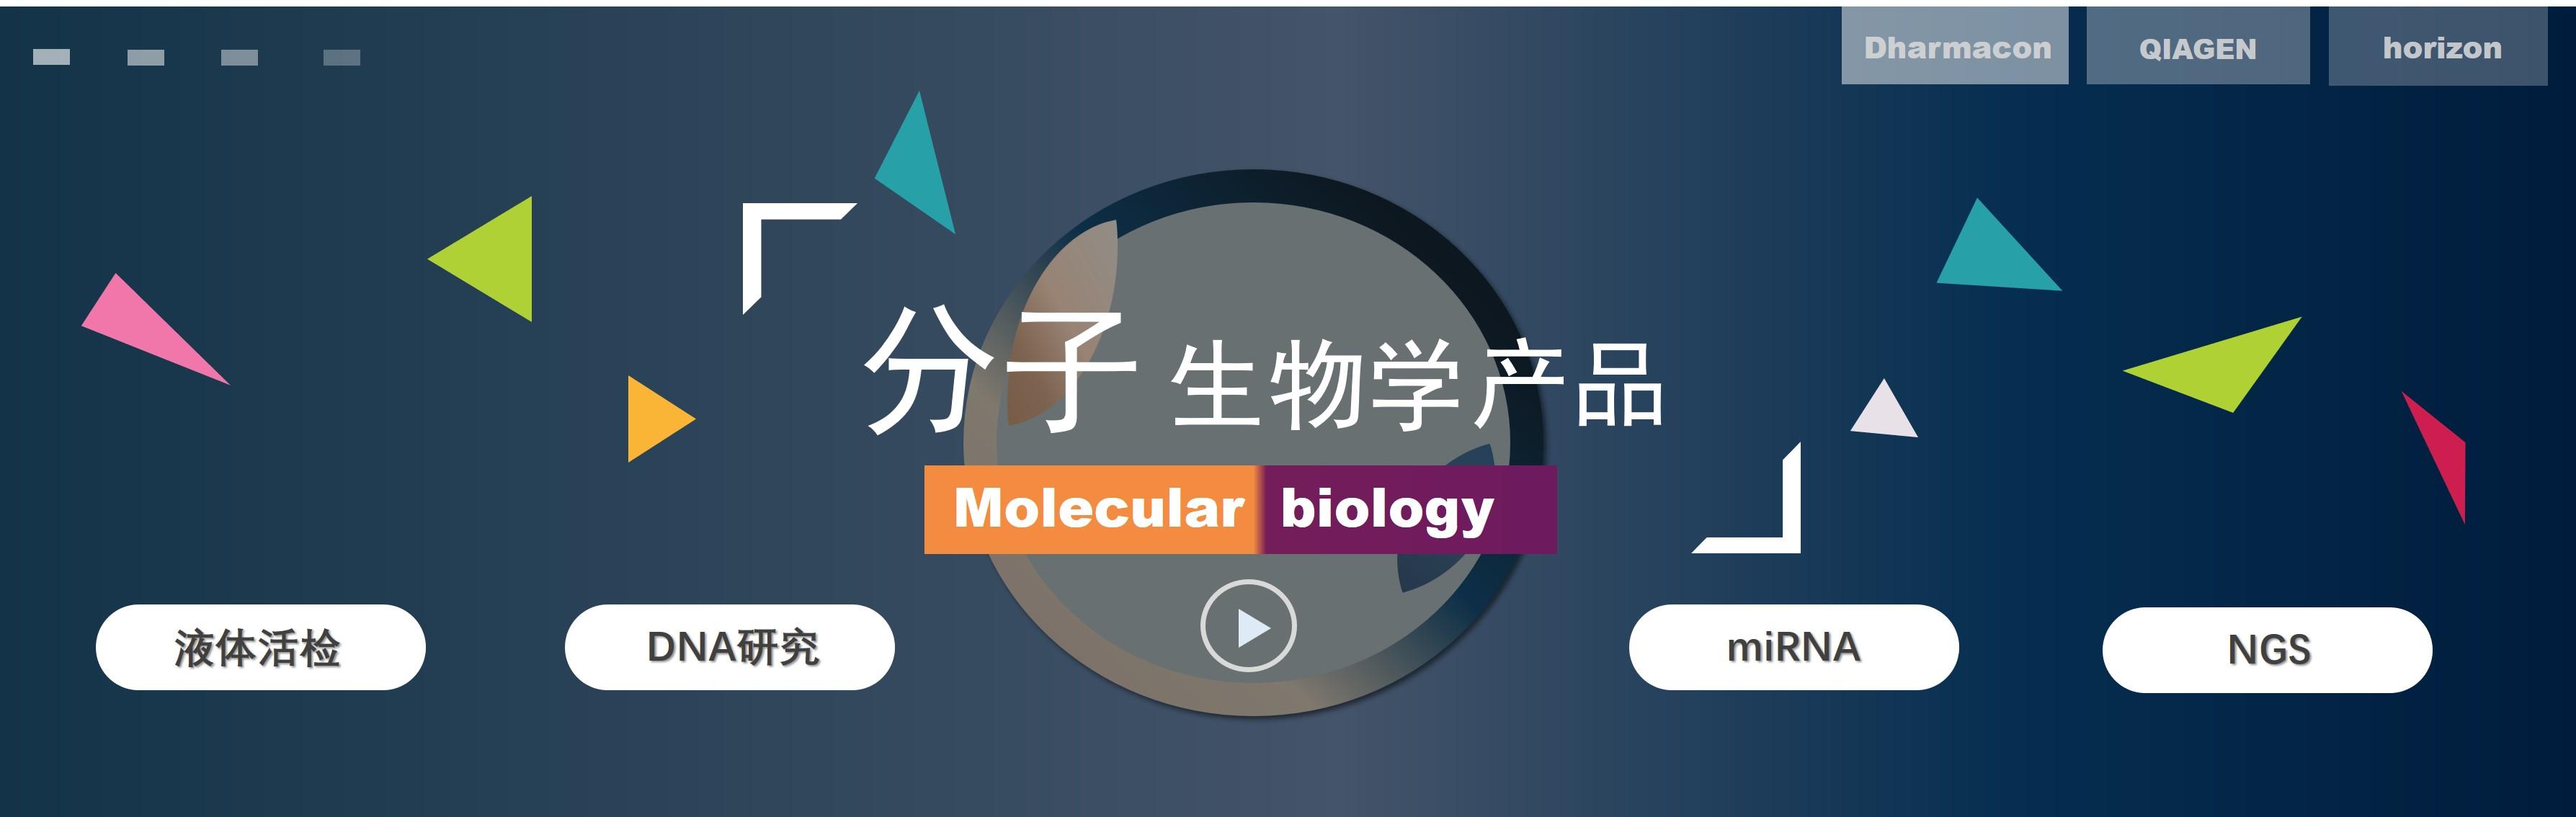 分子生物学首页banner